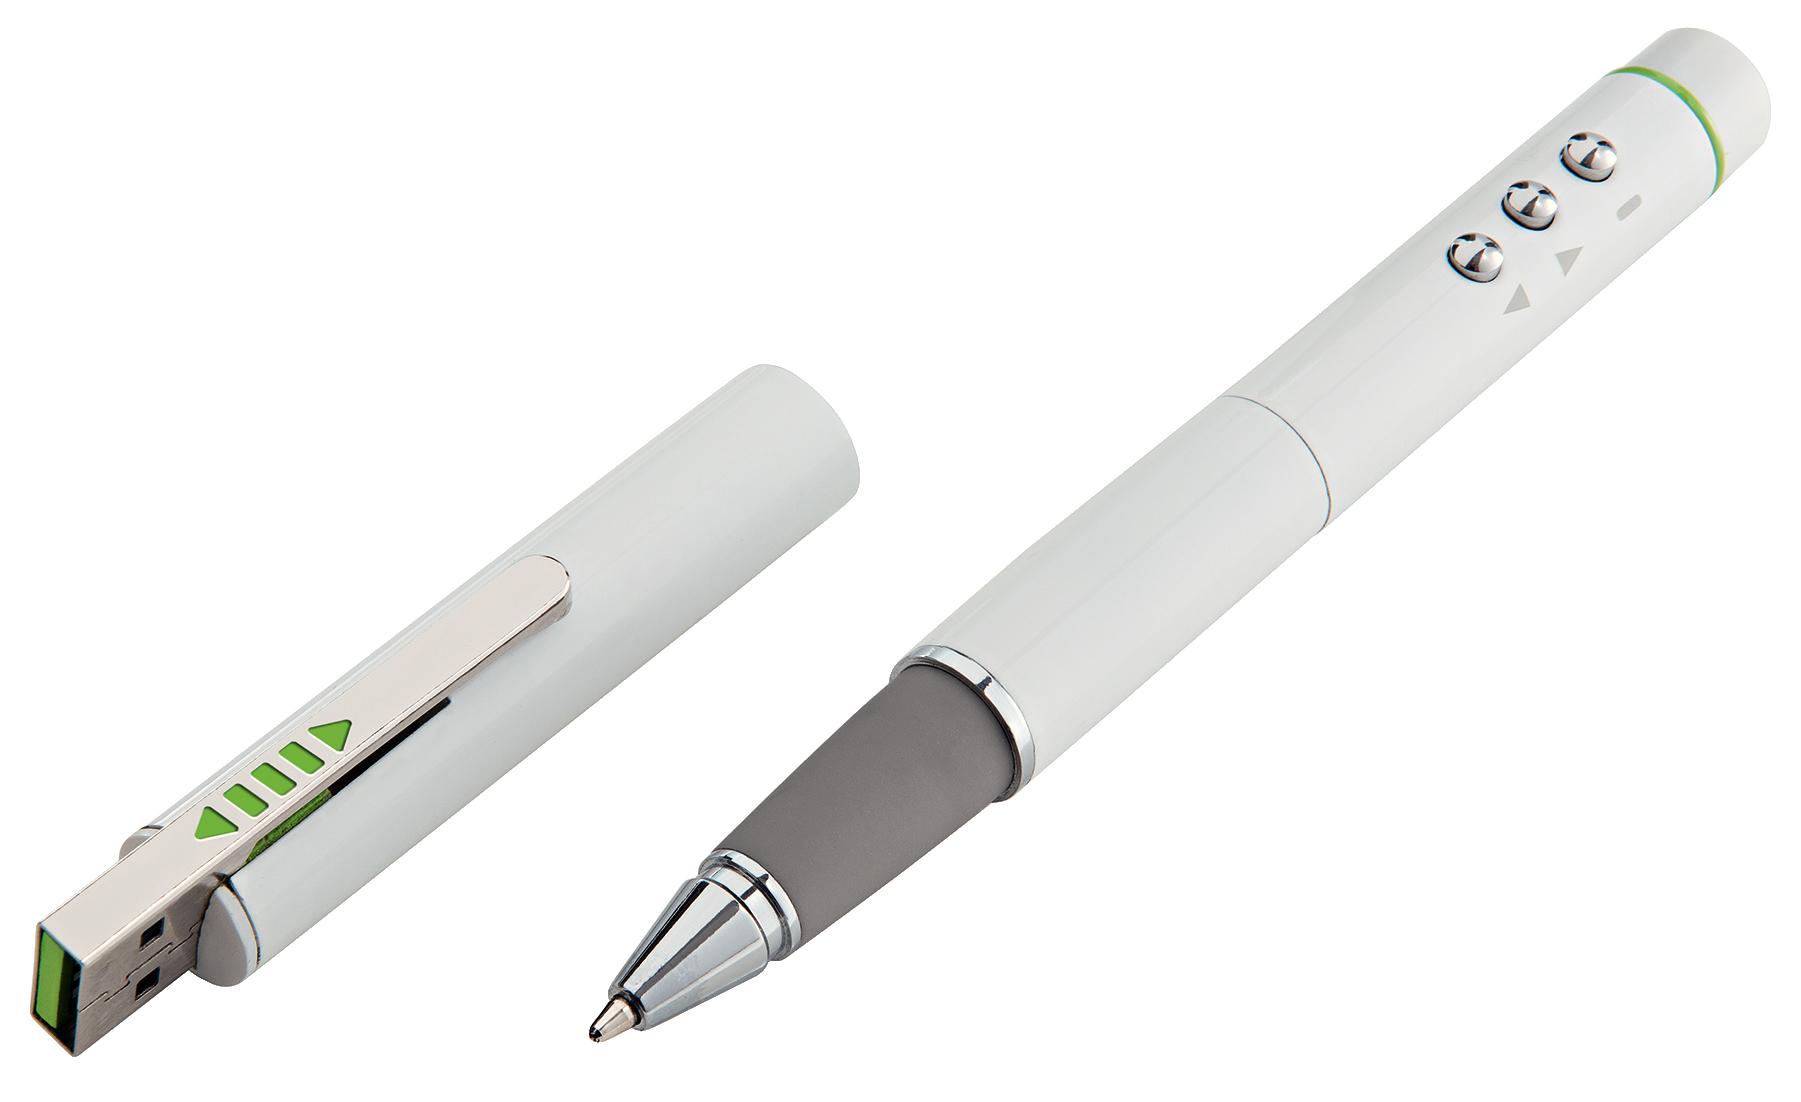 Leitz Complete pro White stylus pen